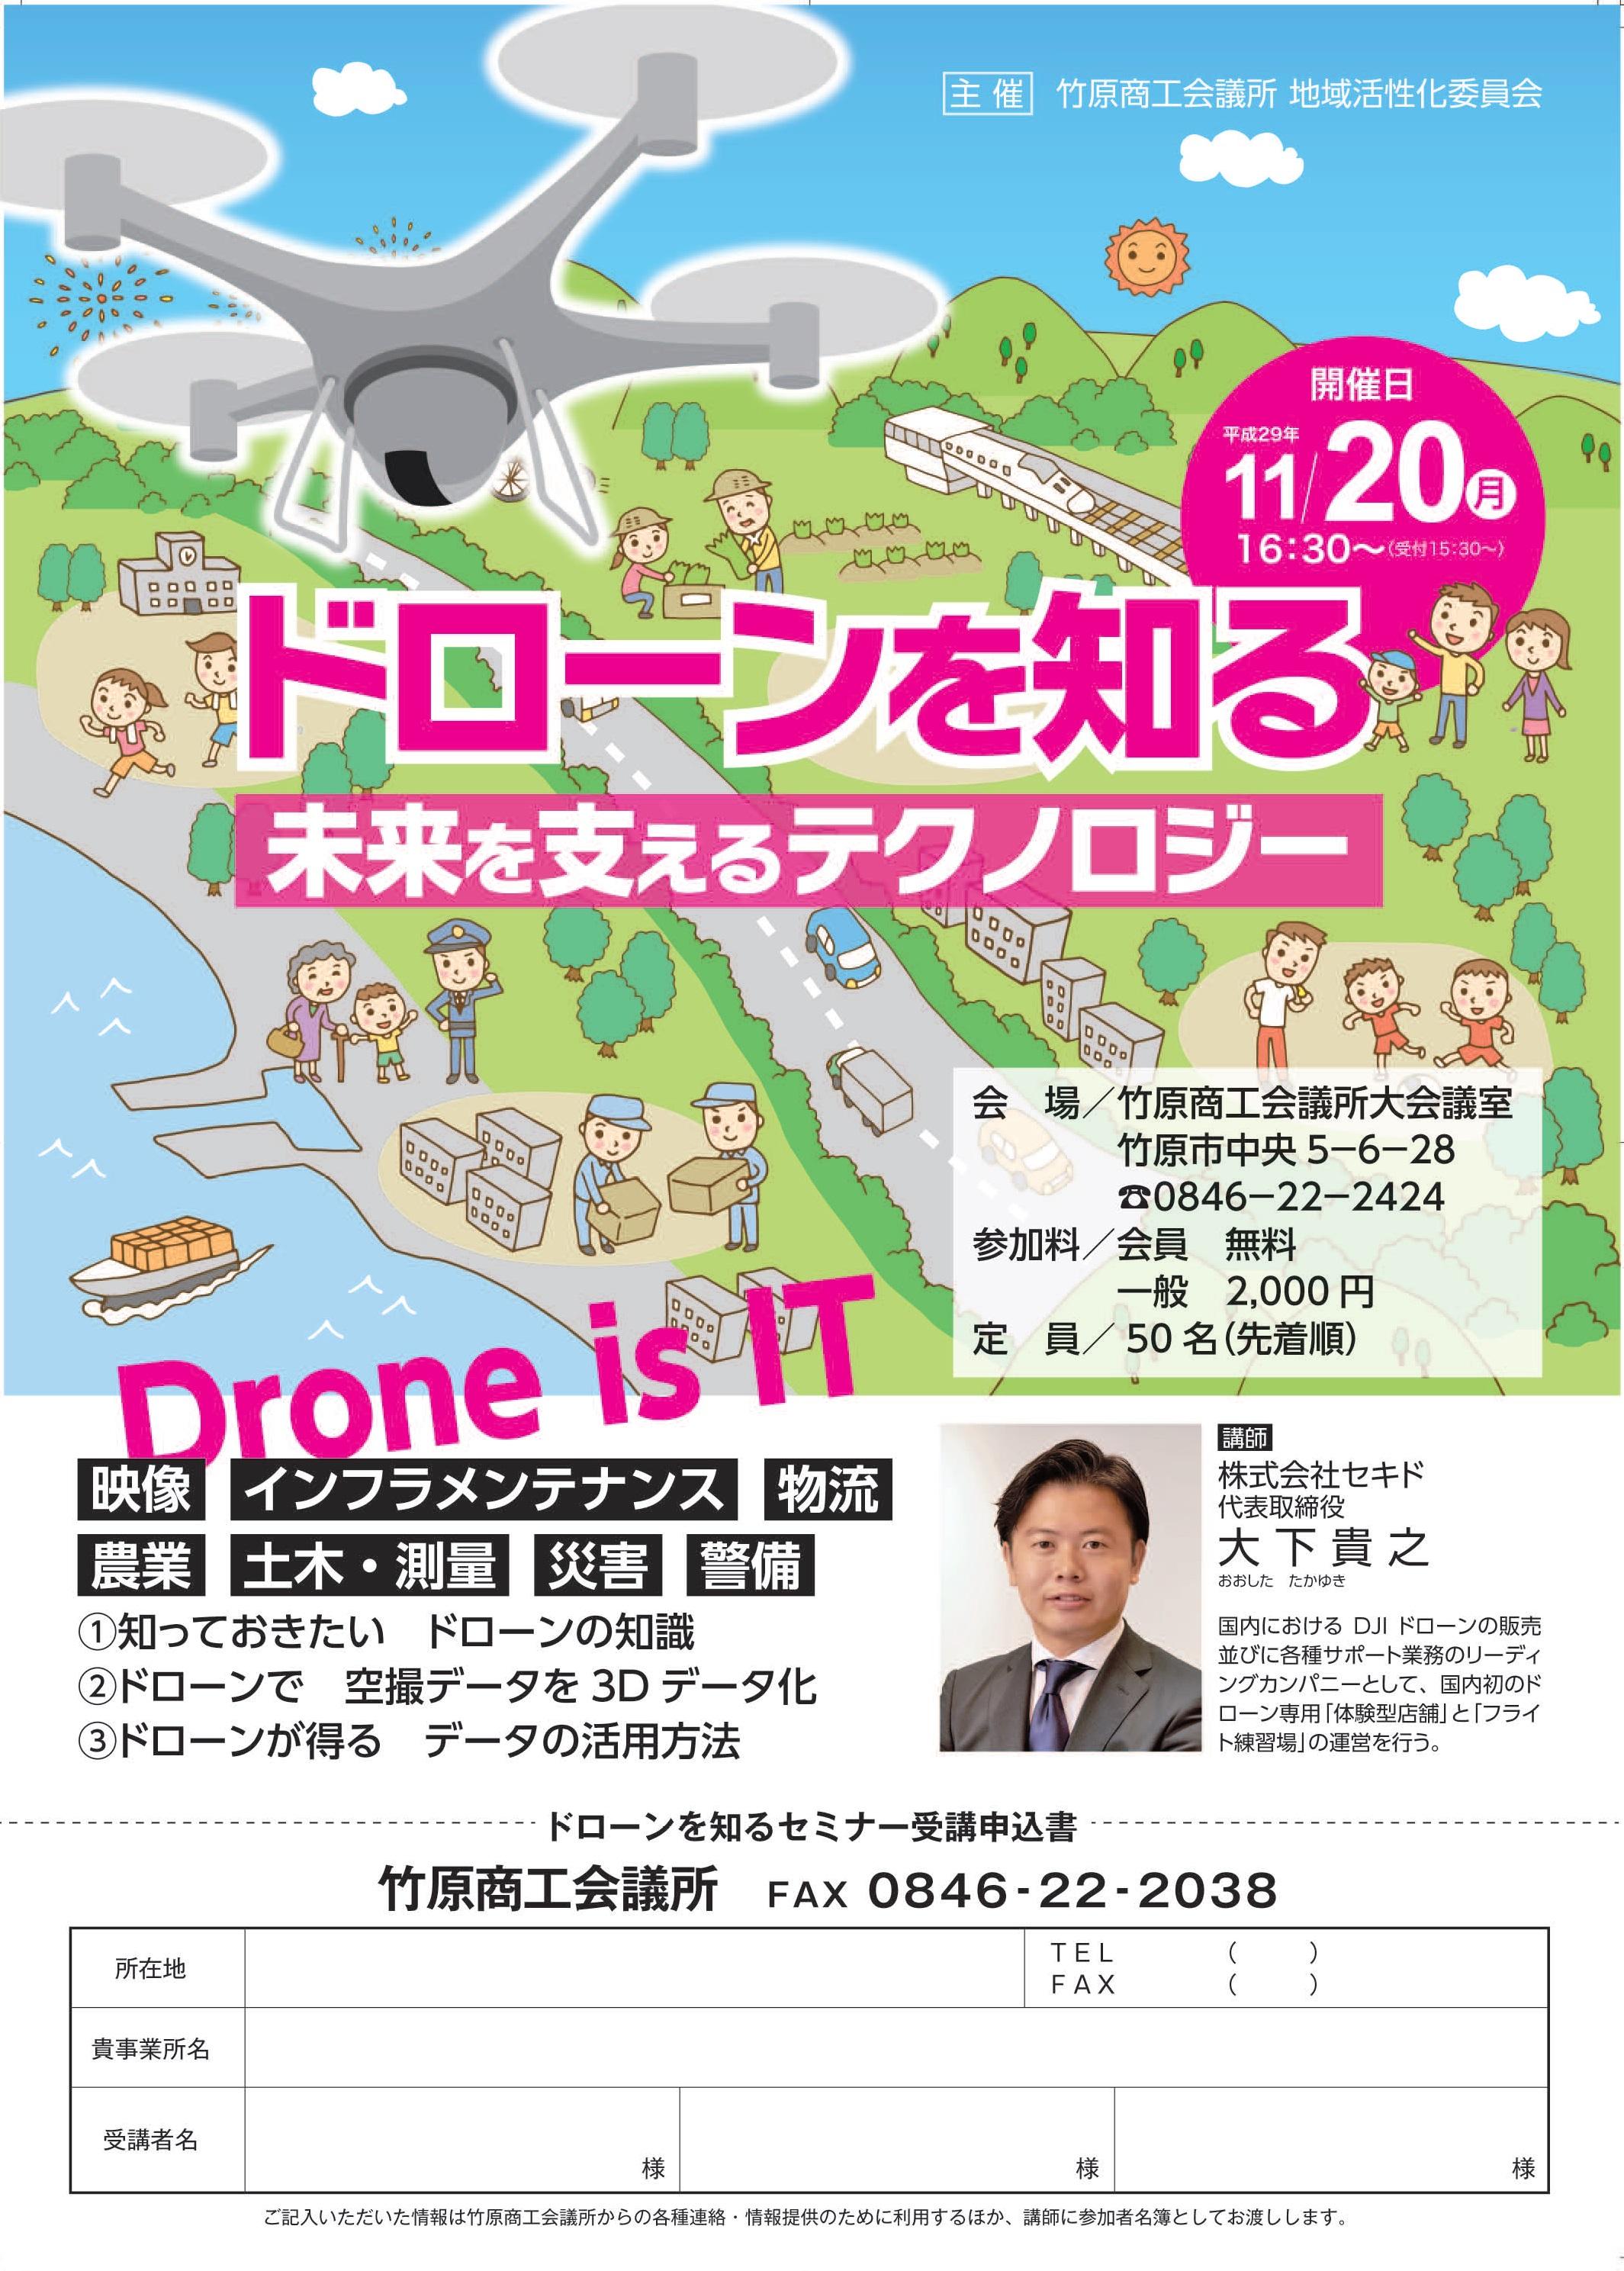 【11月20日開催】ドローンを知る~未来を支えるテクノロジー~のイメージ